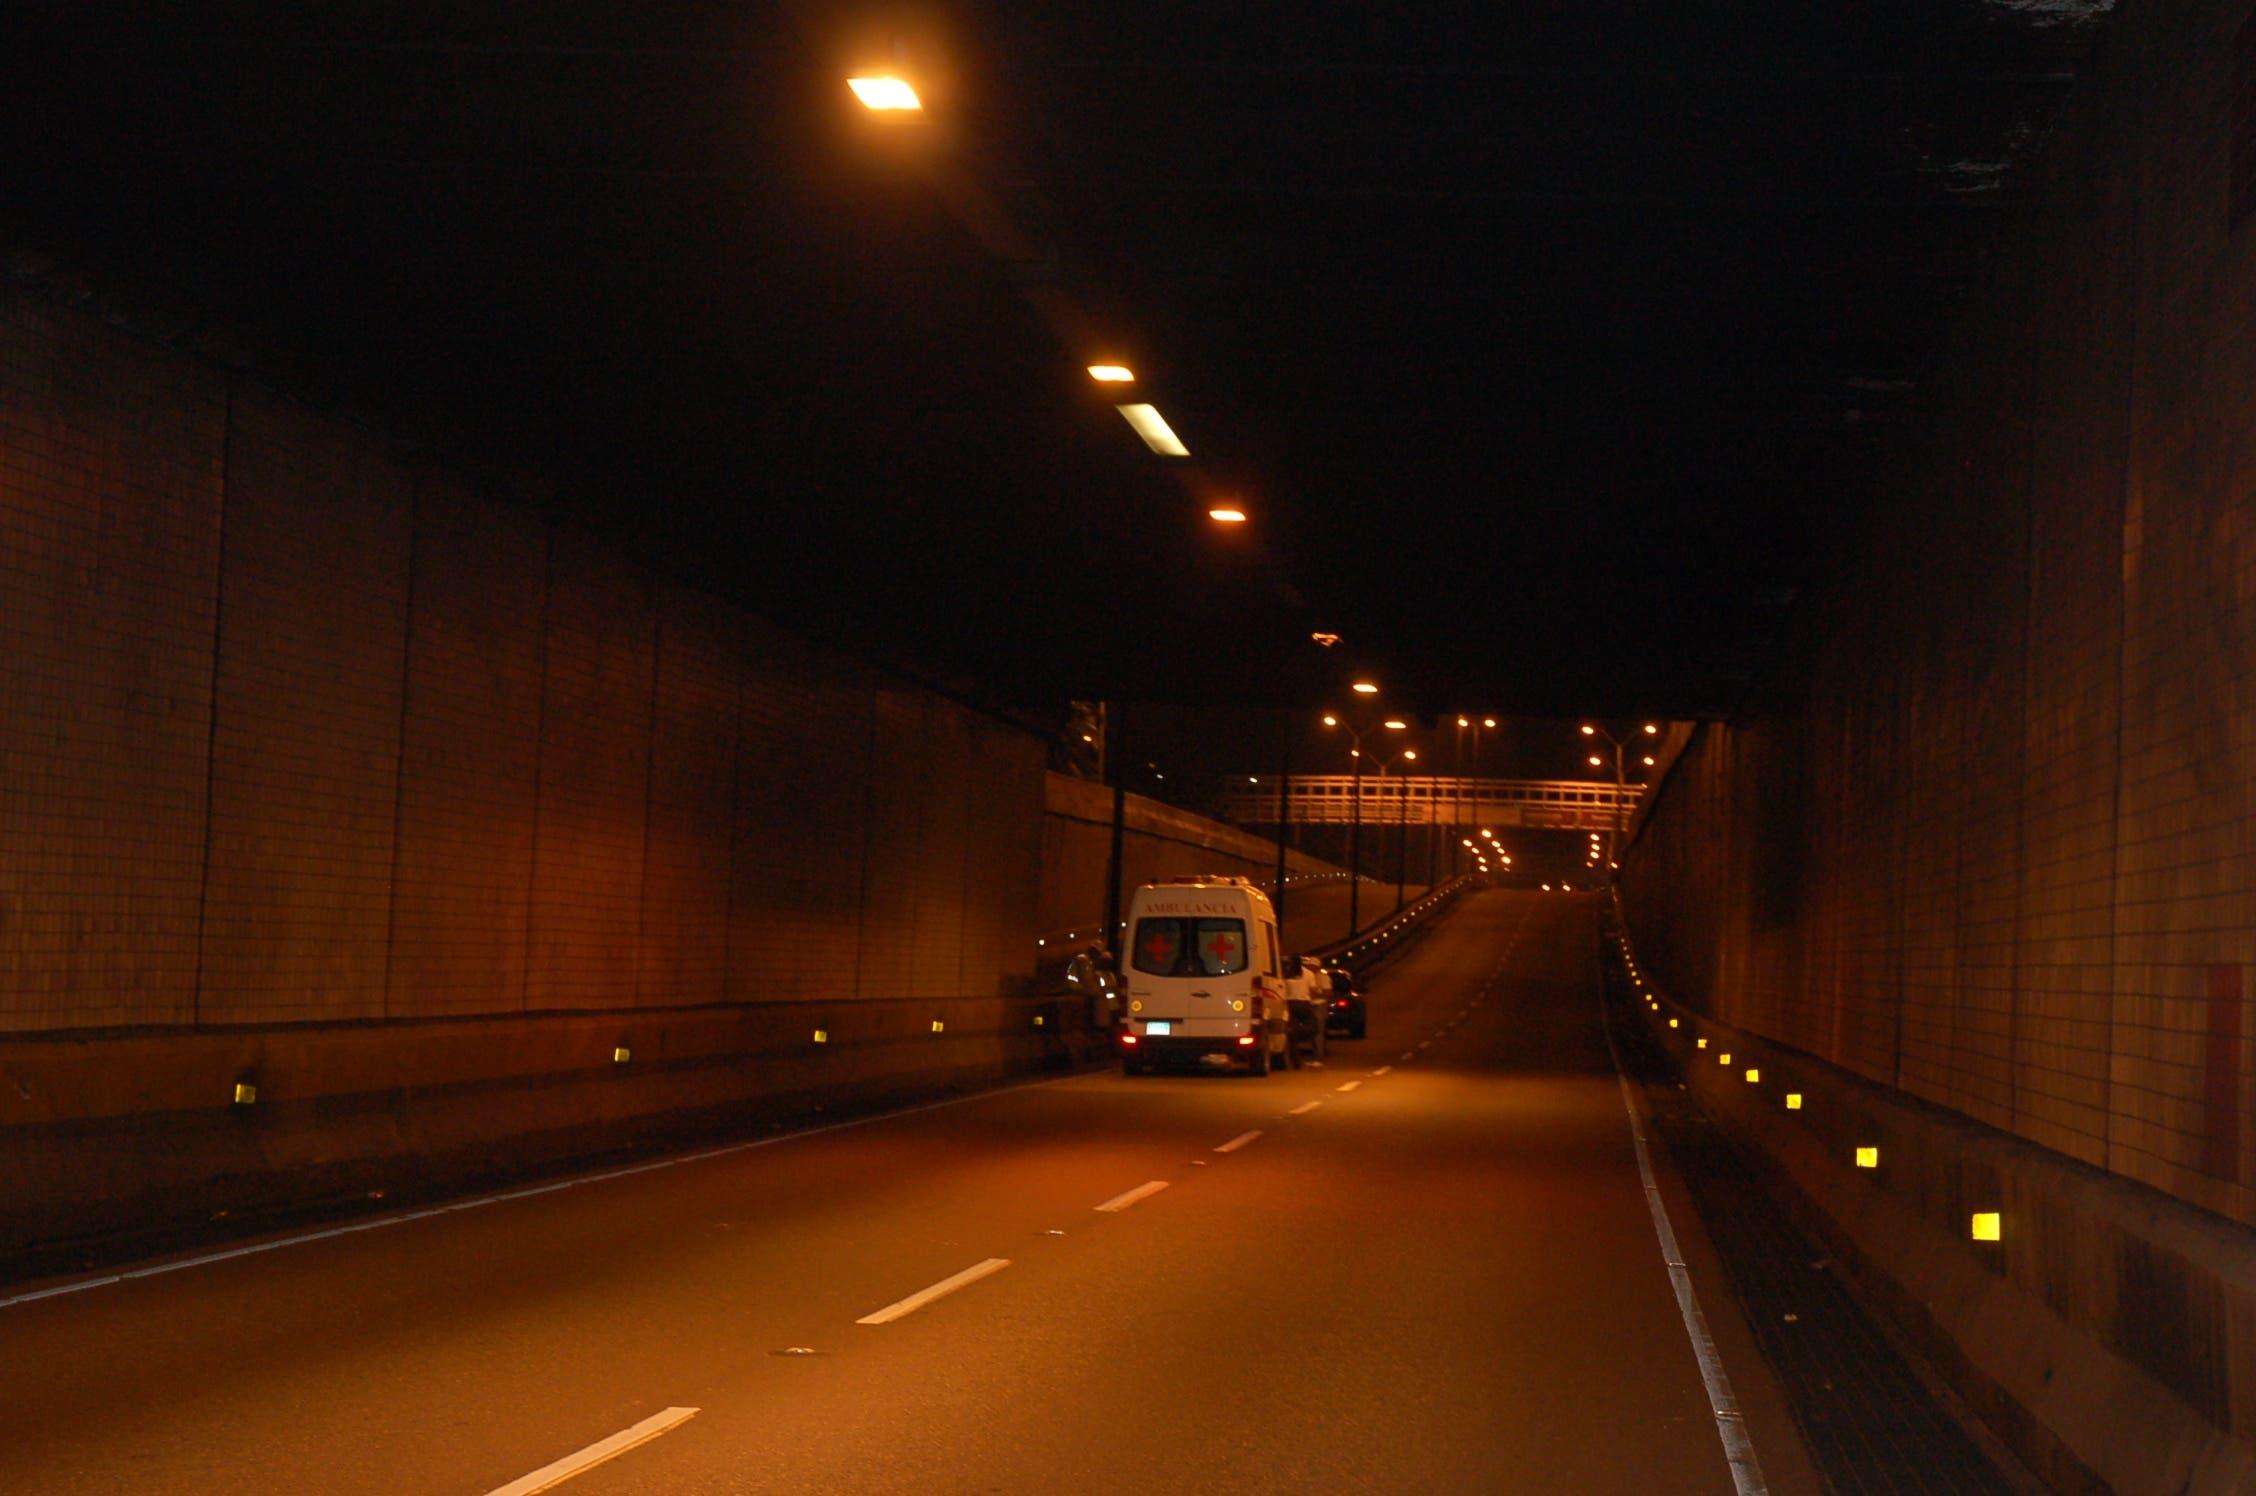 MOPC cerrará este viernes y el sábado túnel de Las Américas por trabajos de señalización